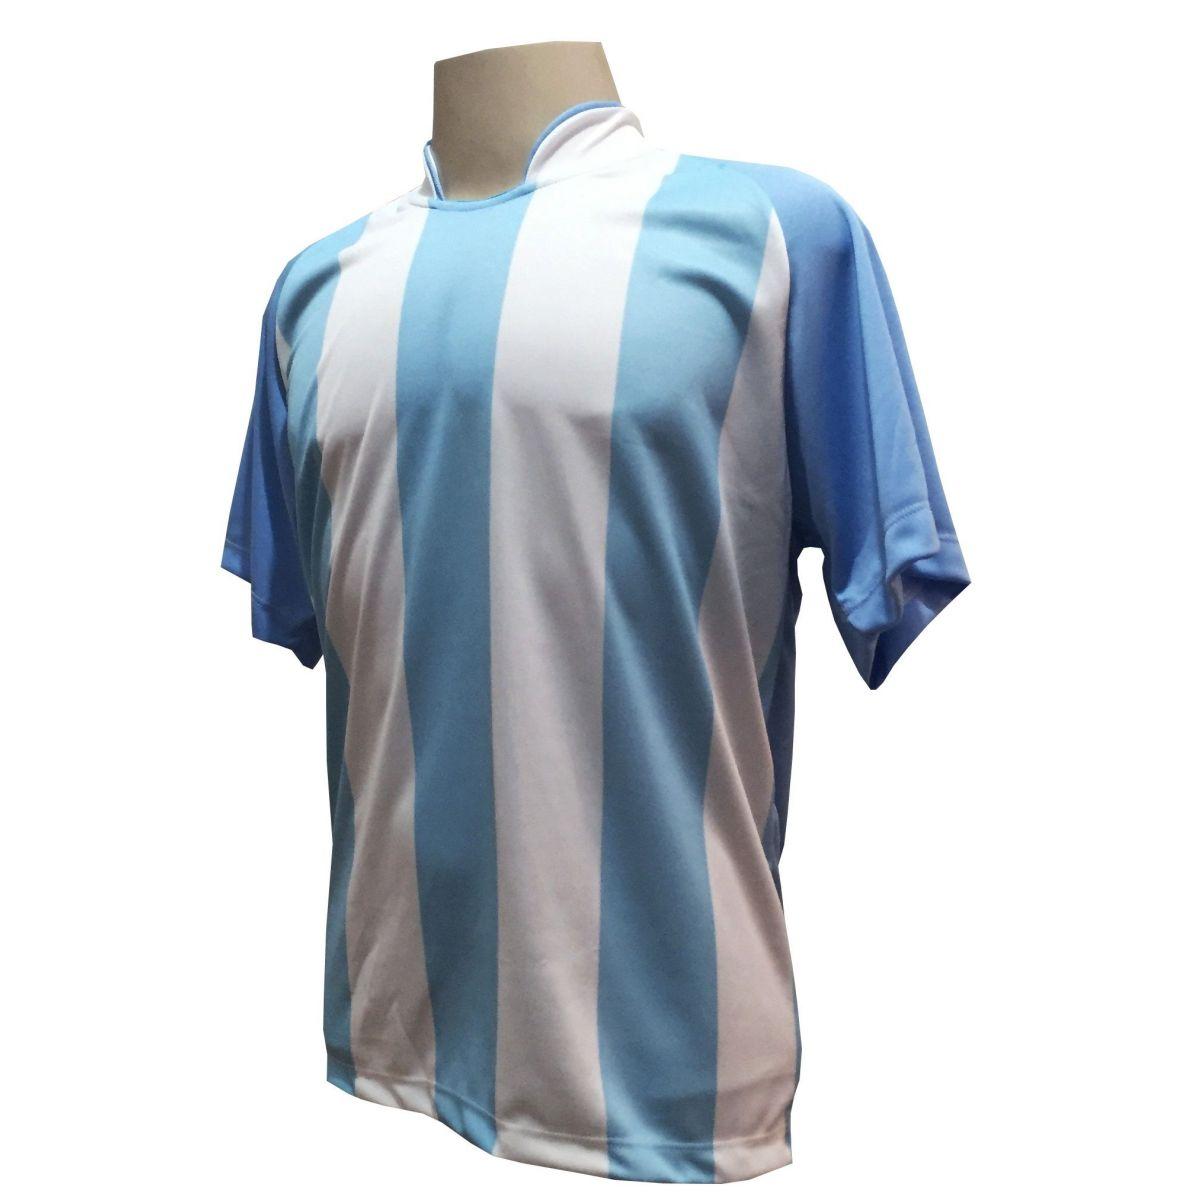 Fardamento Completo modelo Milan 20+1 (20 camisas Celeste/Branco + 20 calções modelo Madrid Branco + 20 pares de meiões Branco + 1 conjunto de goleiro) + Brindes